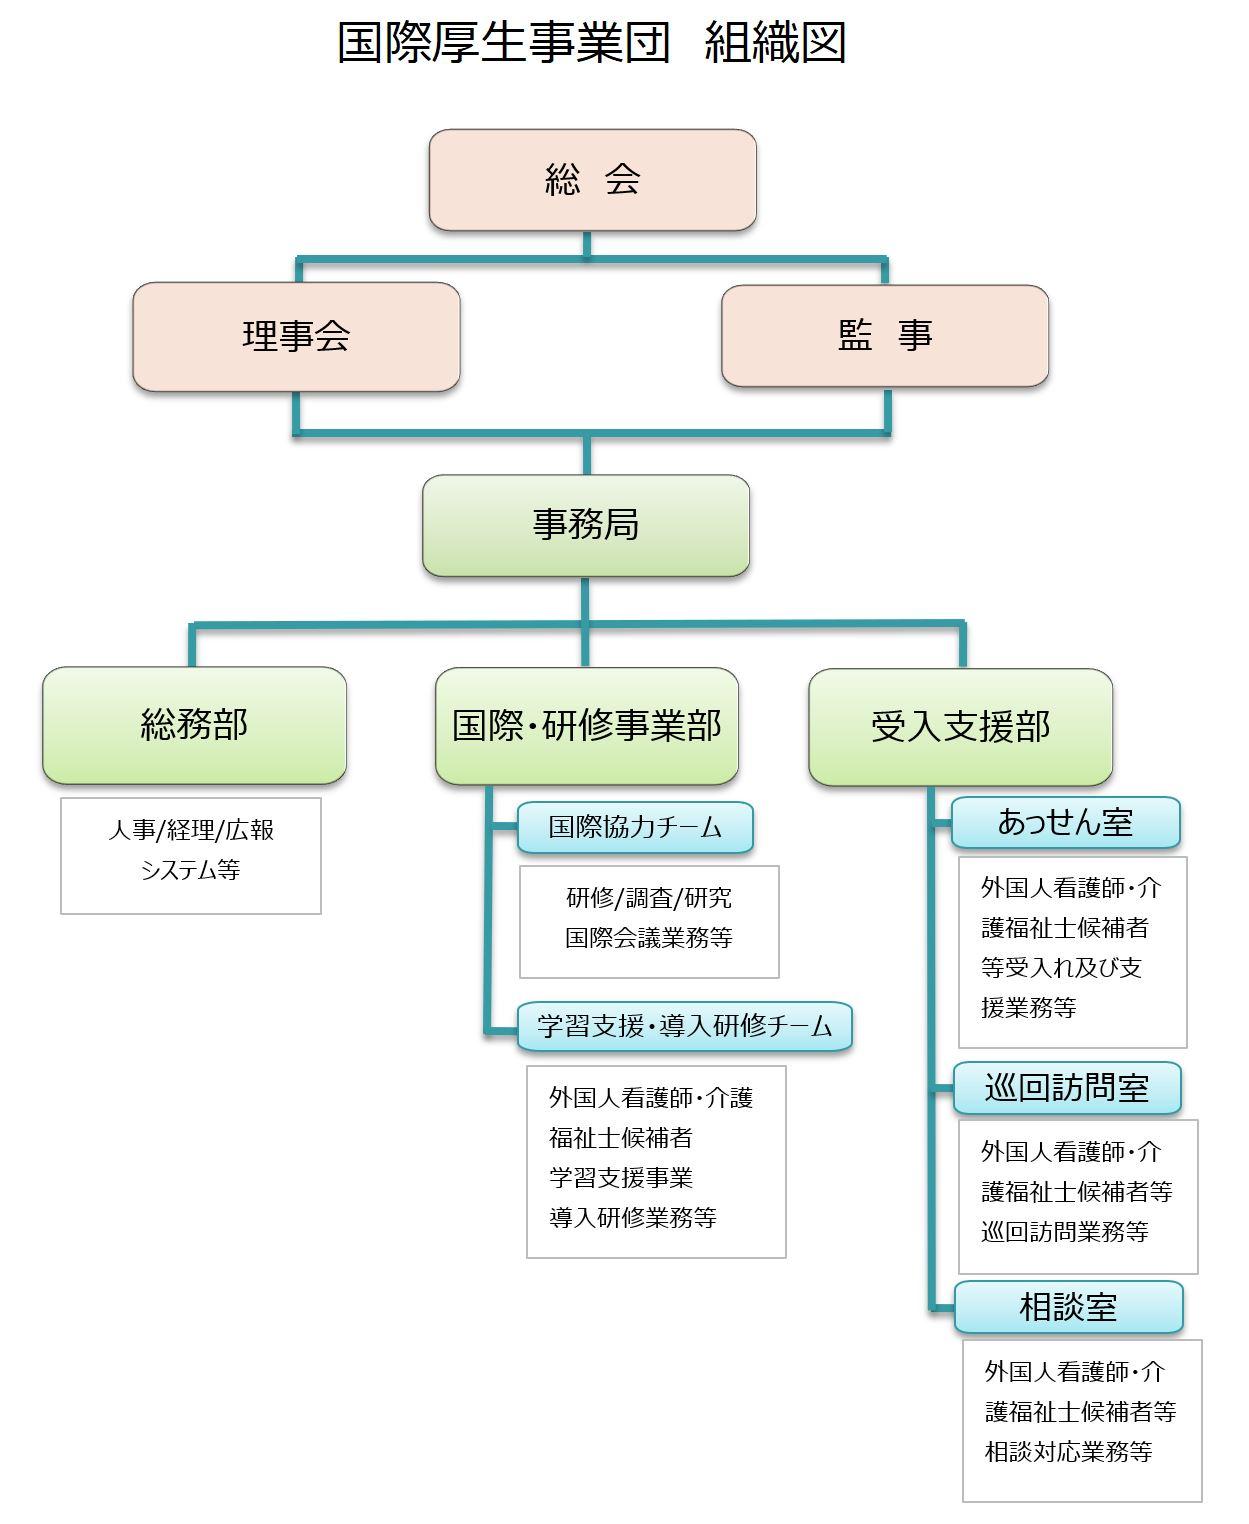 国際厚生事業団 組織図